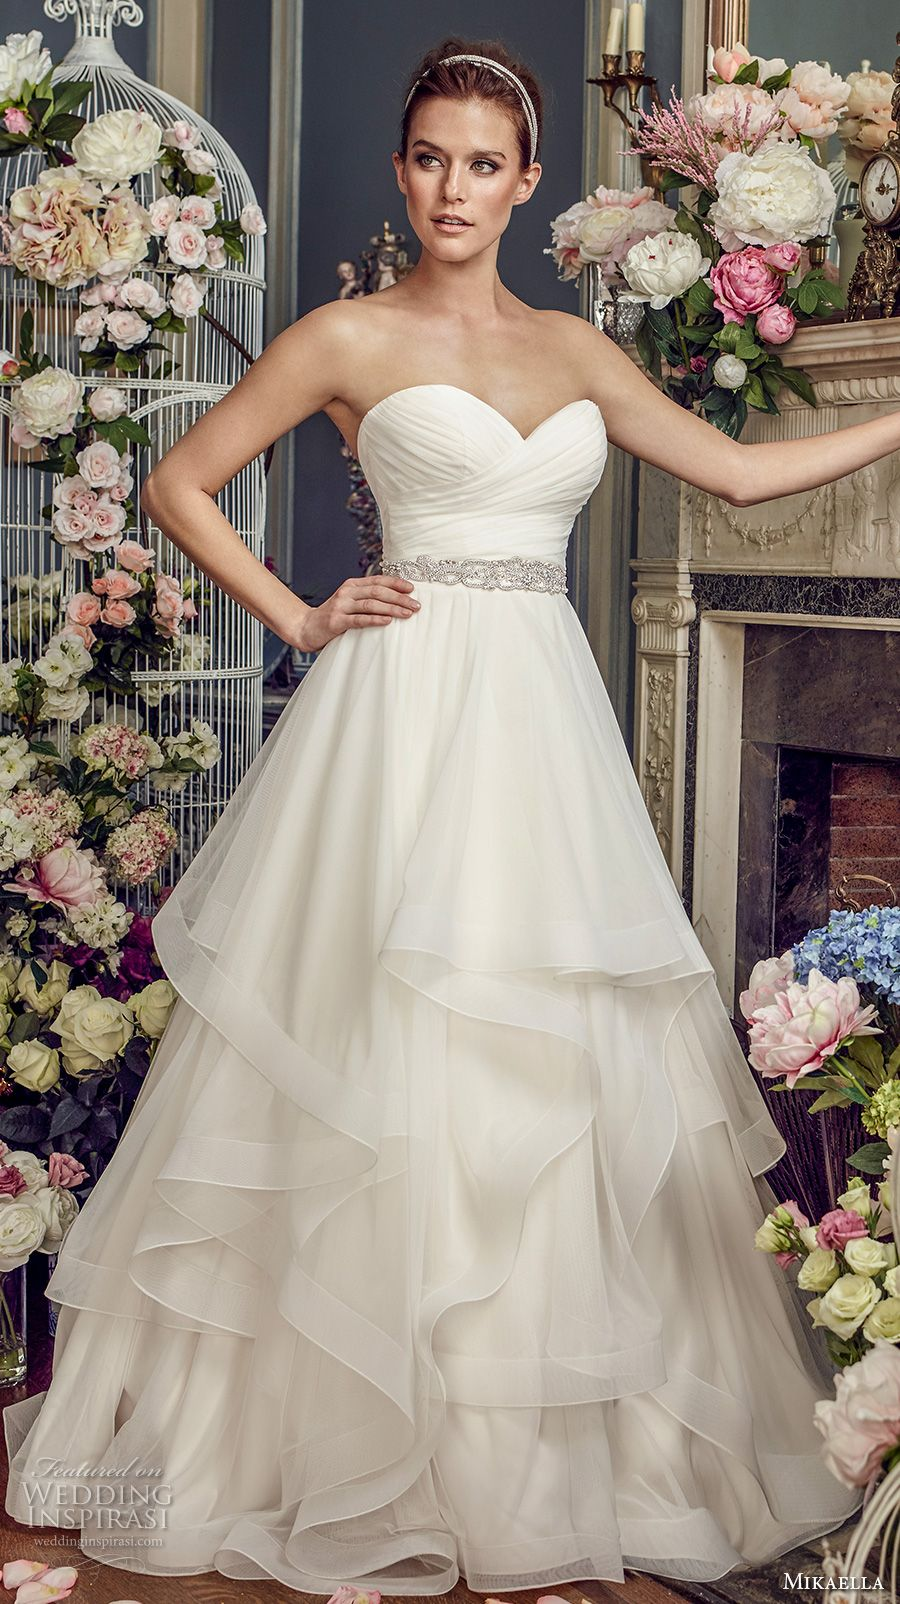 Mikaella Fall 2017 Wedding Dresses | Hochzeitskleider und Brautkleid